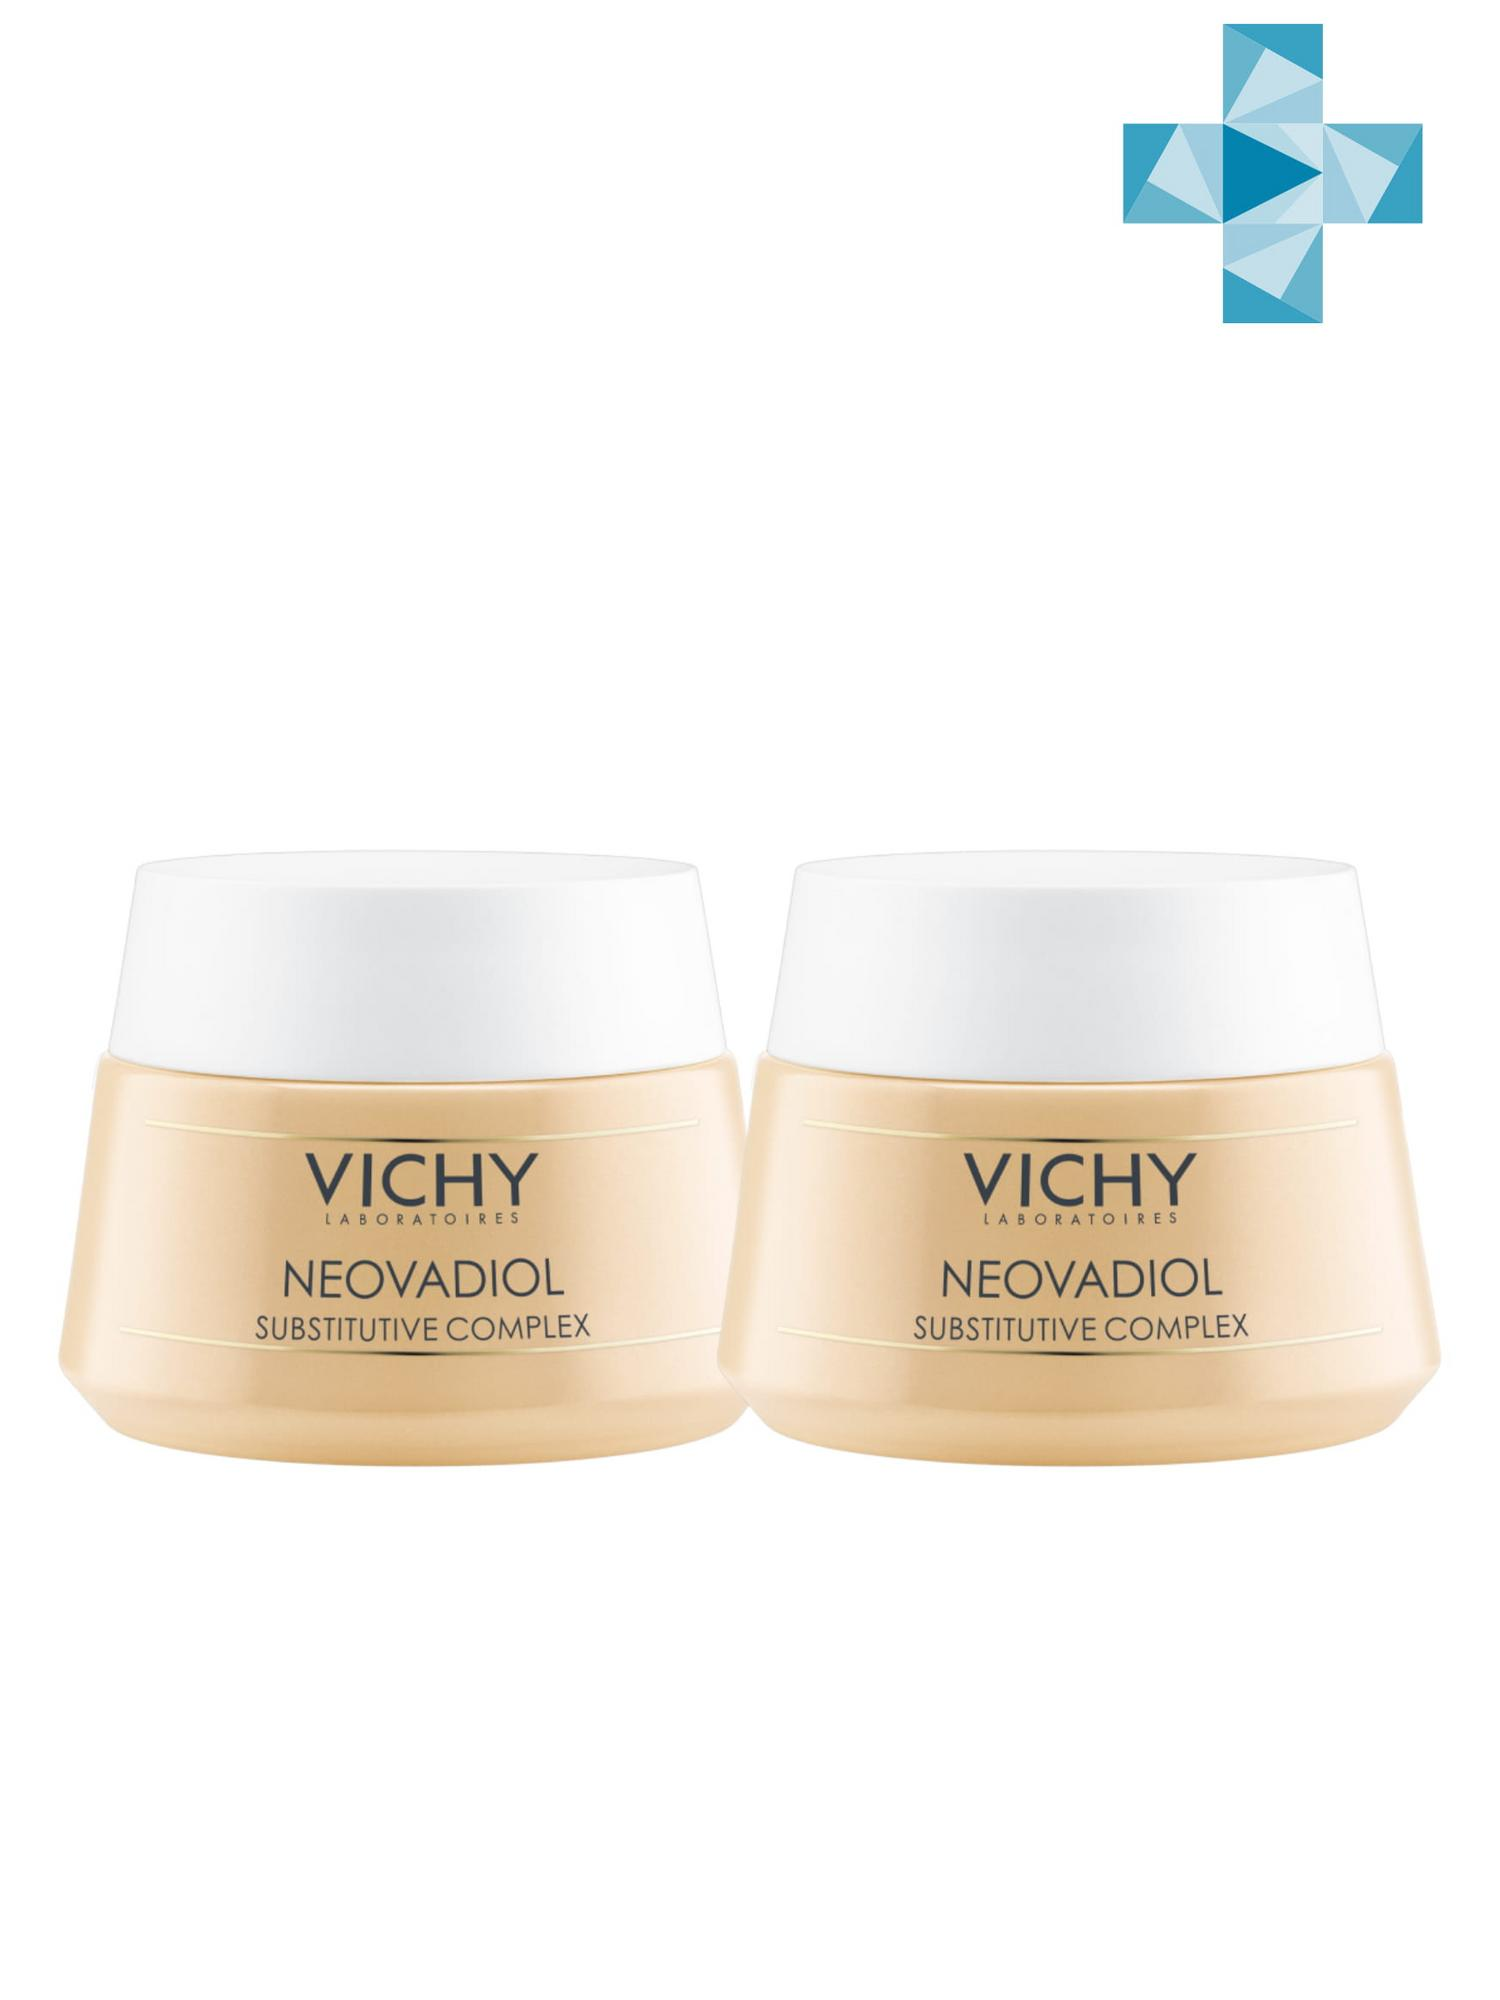 Фото - Vichy Комплект Неовадиол Компенсирующий комплекс для нормальной и комбинированной кожи, 2 шт. по 50 мл (Vichy, Neovadiol) vichy неовадиол компенсирующий комплекс для нормальной и комбинированной кожи 50 мл vichy neovadiol